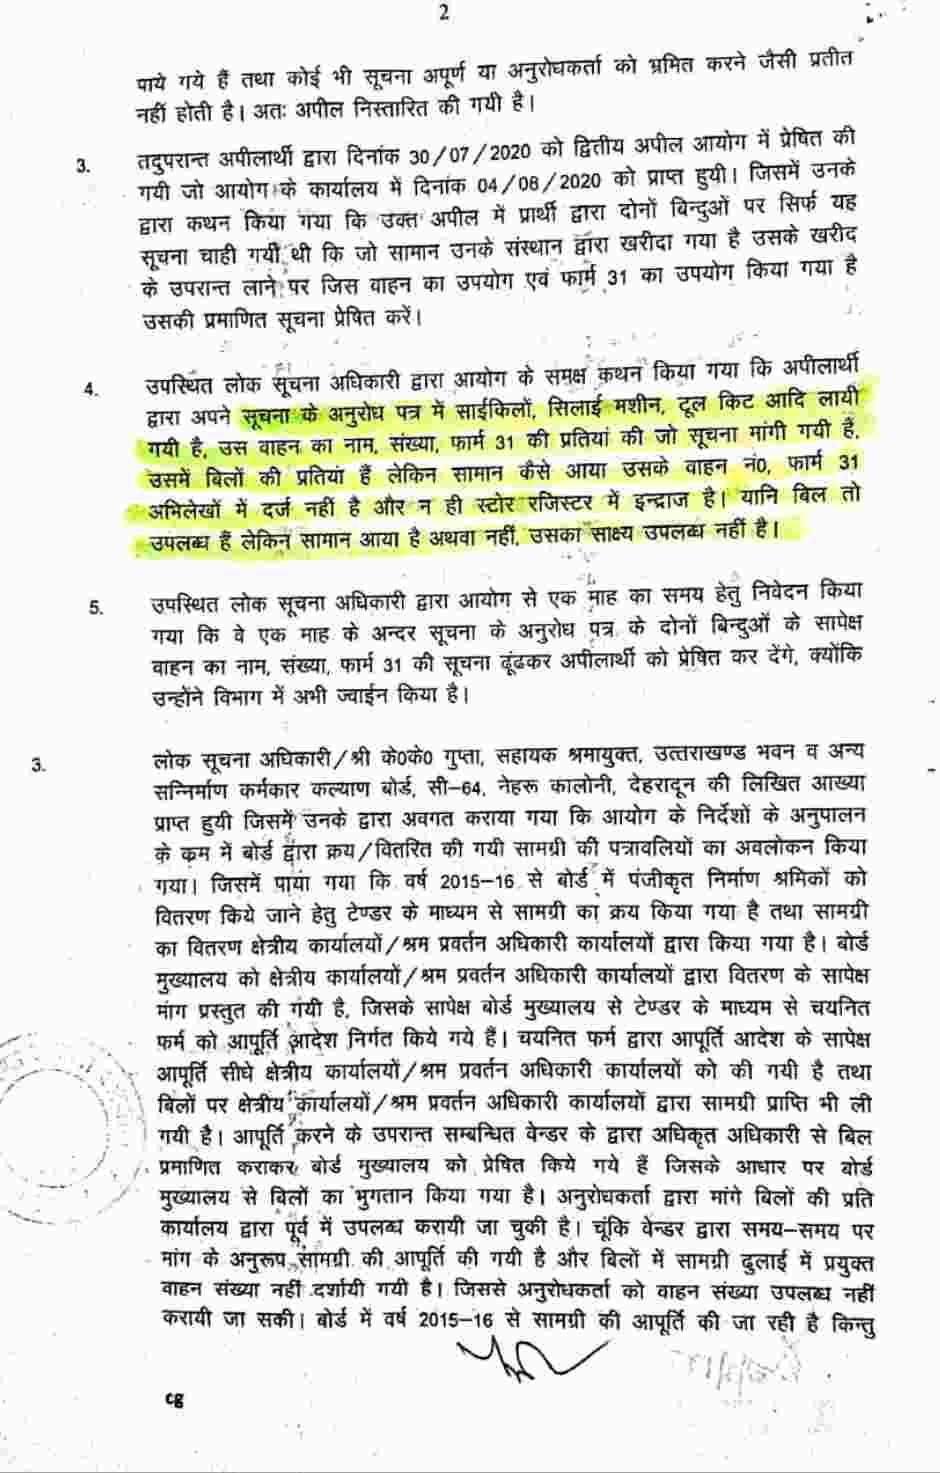 करोड़ों के बिल तो पहुंचे, लेकिन सामान नहीं! आयोग ने सचिव को दिए जांच के निर्देश- मोर्चा, कर्मकार कल्याण बोर्ड में करोड़ो रुपए के सामान परिवहन का है मामला 3